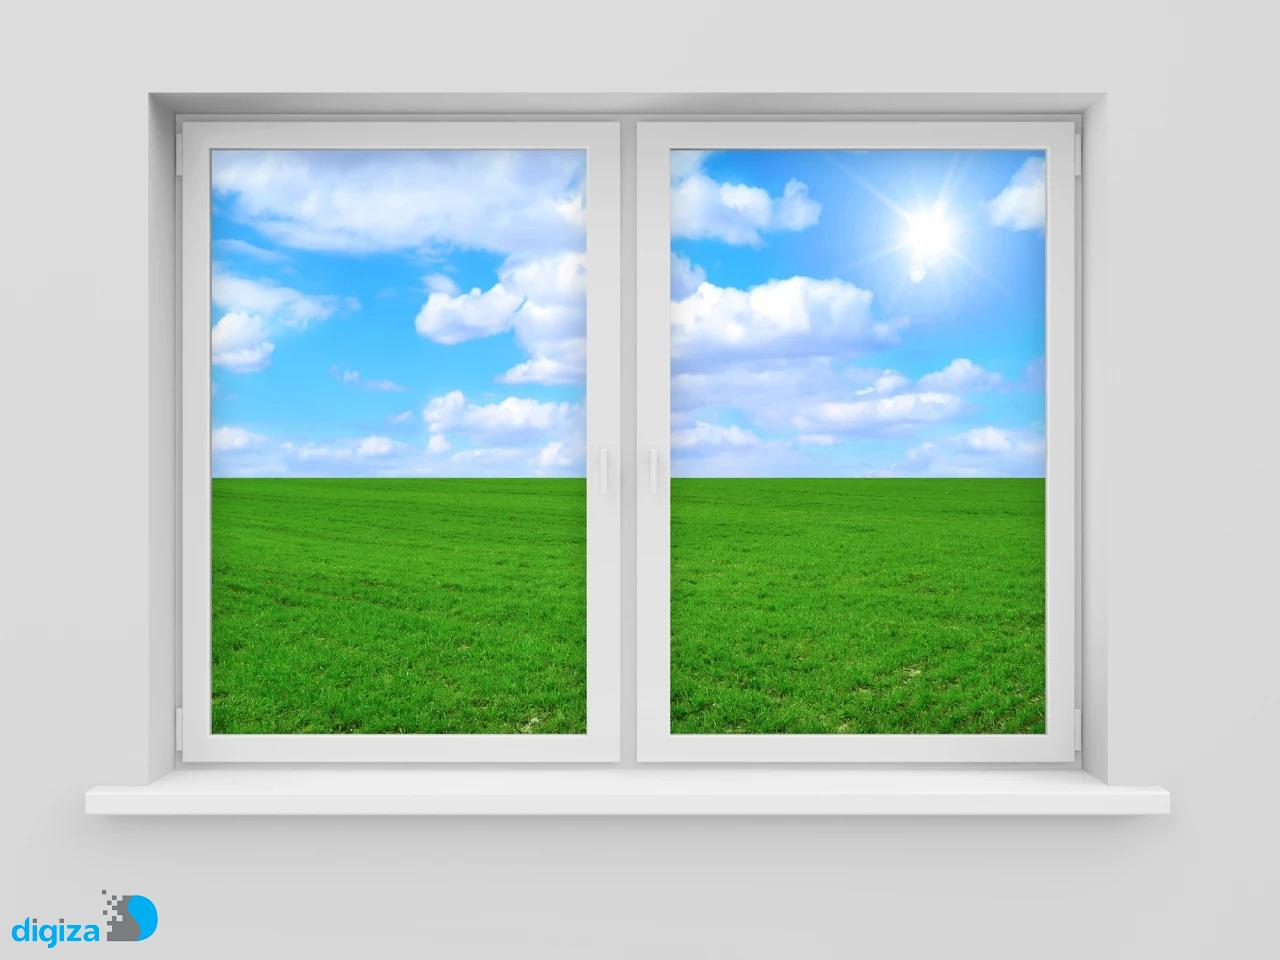 دانشمندان یک قدم به استفاده از پنلهای خورشیدی شفاف در پنجرهها نزدیکتر شدند